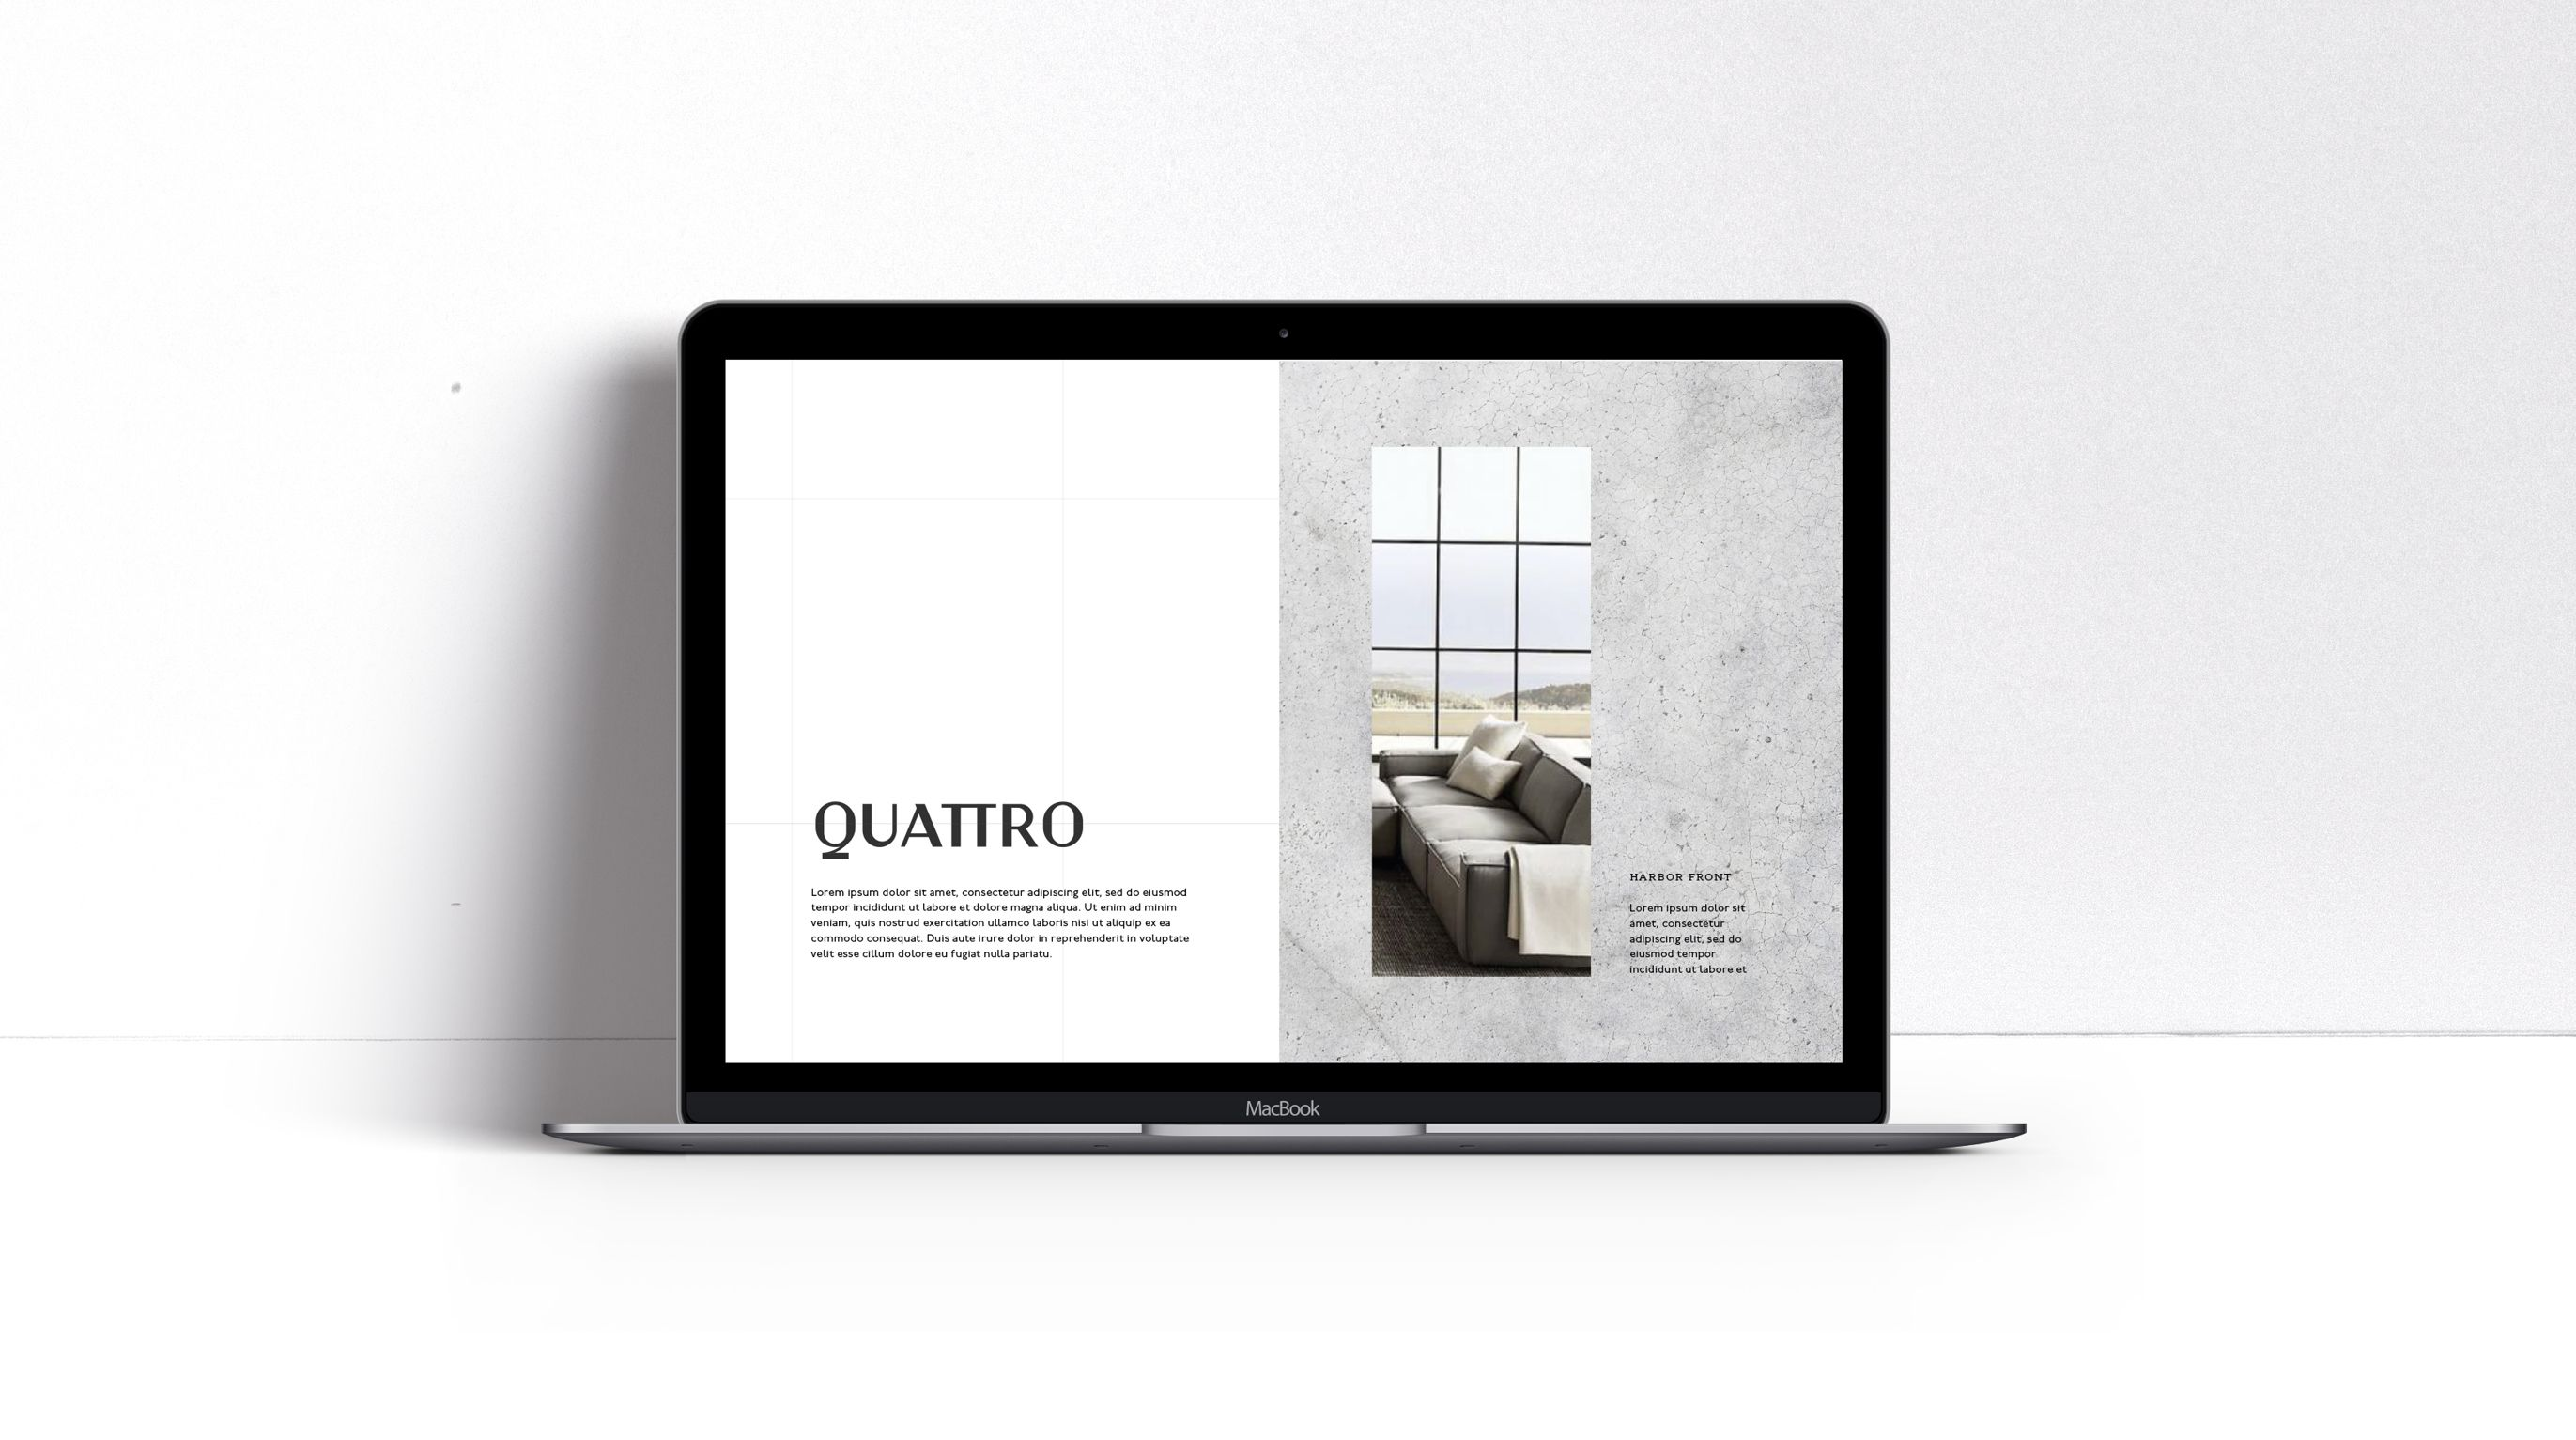 Quattro website in laptop